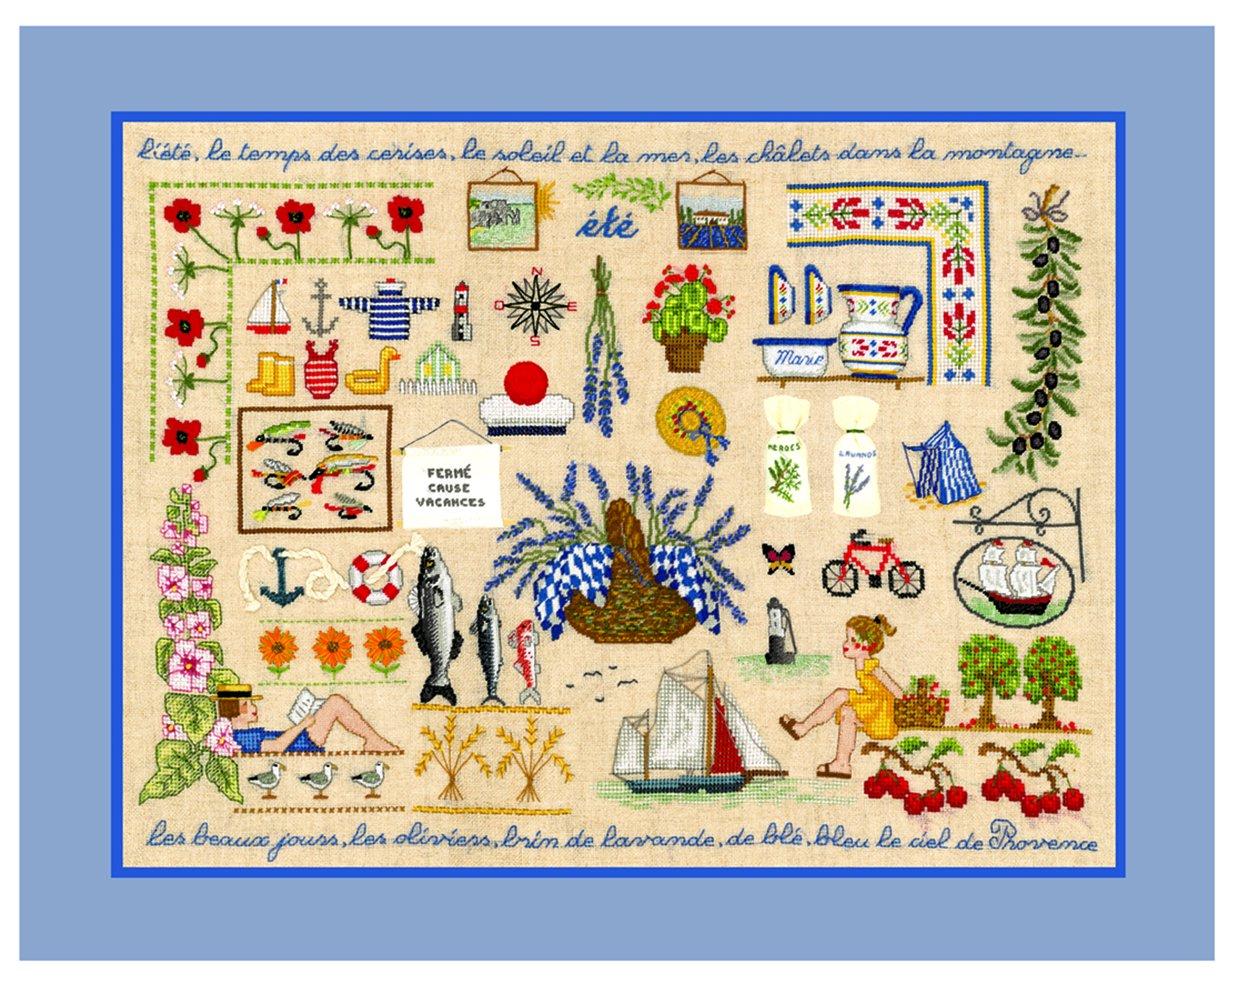 【ルボヌールデダム】 クロスステッチ刺繍キット 1136 Ete 夏 (DMC刺繍糸) B00Z30RH9Y